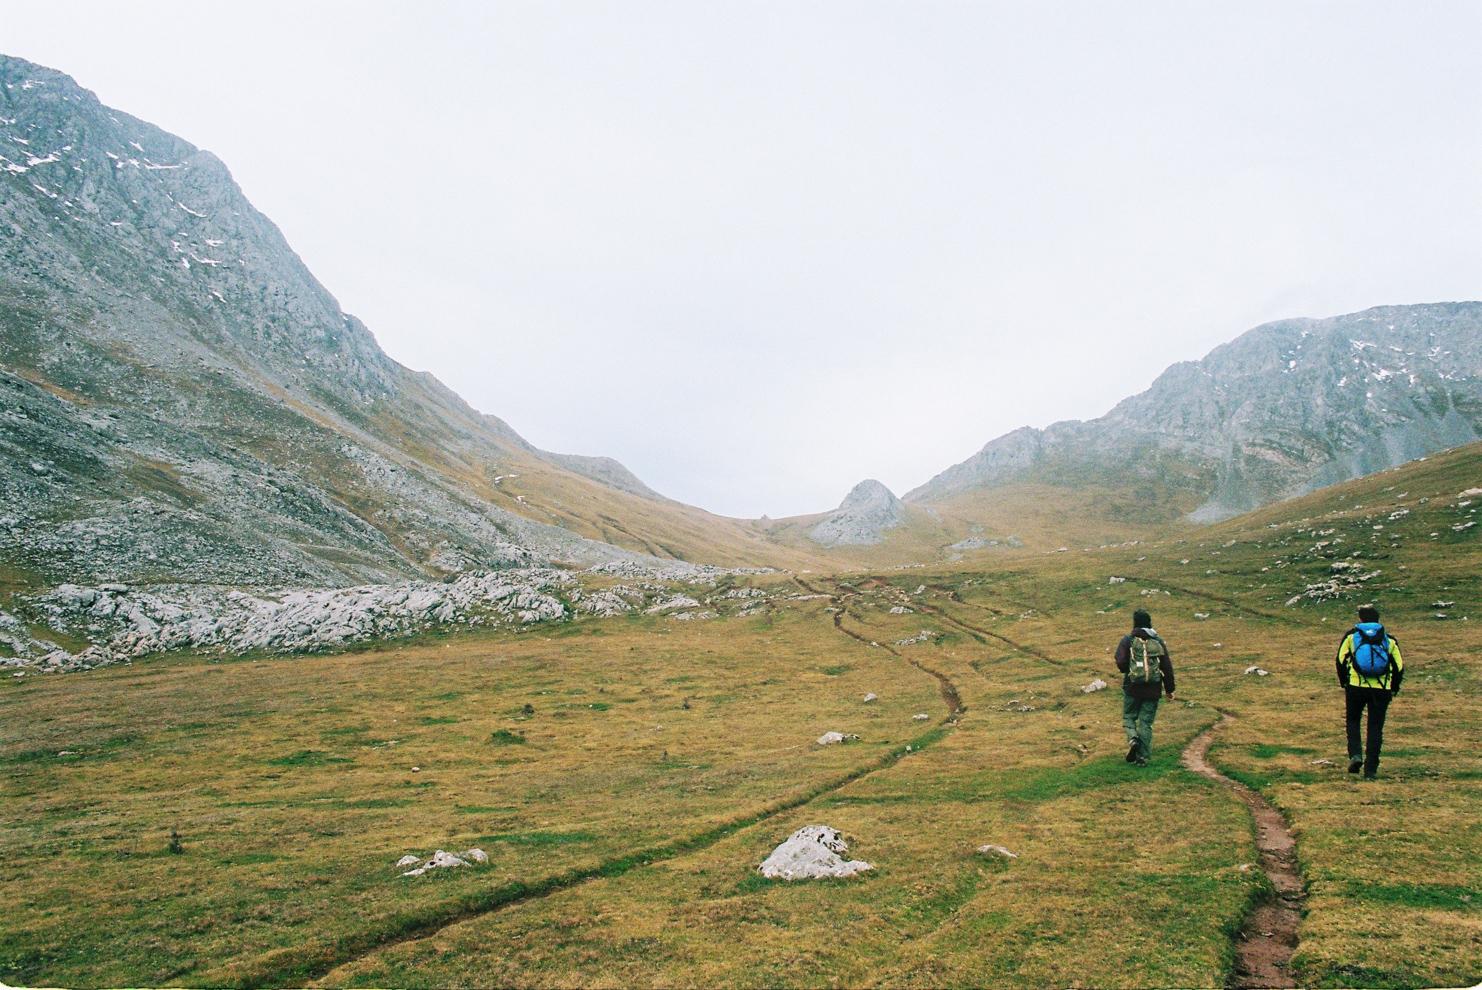 Las_Ubinas_Asturias_MonicaRGoya_copyrighted_16.jpg